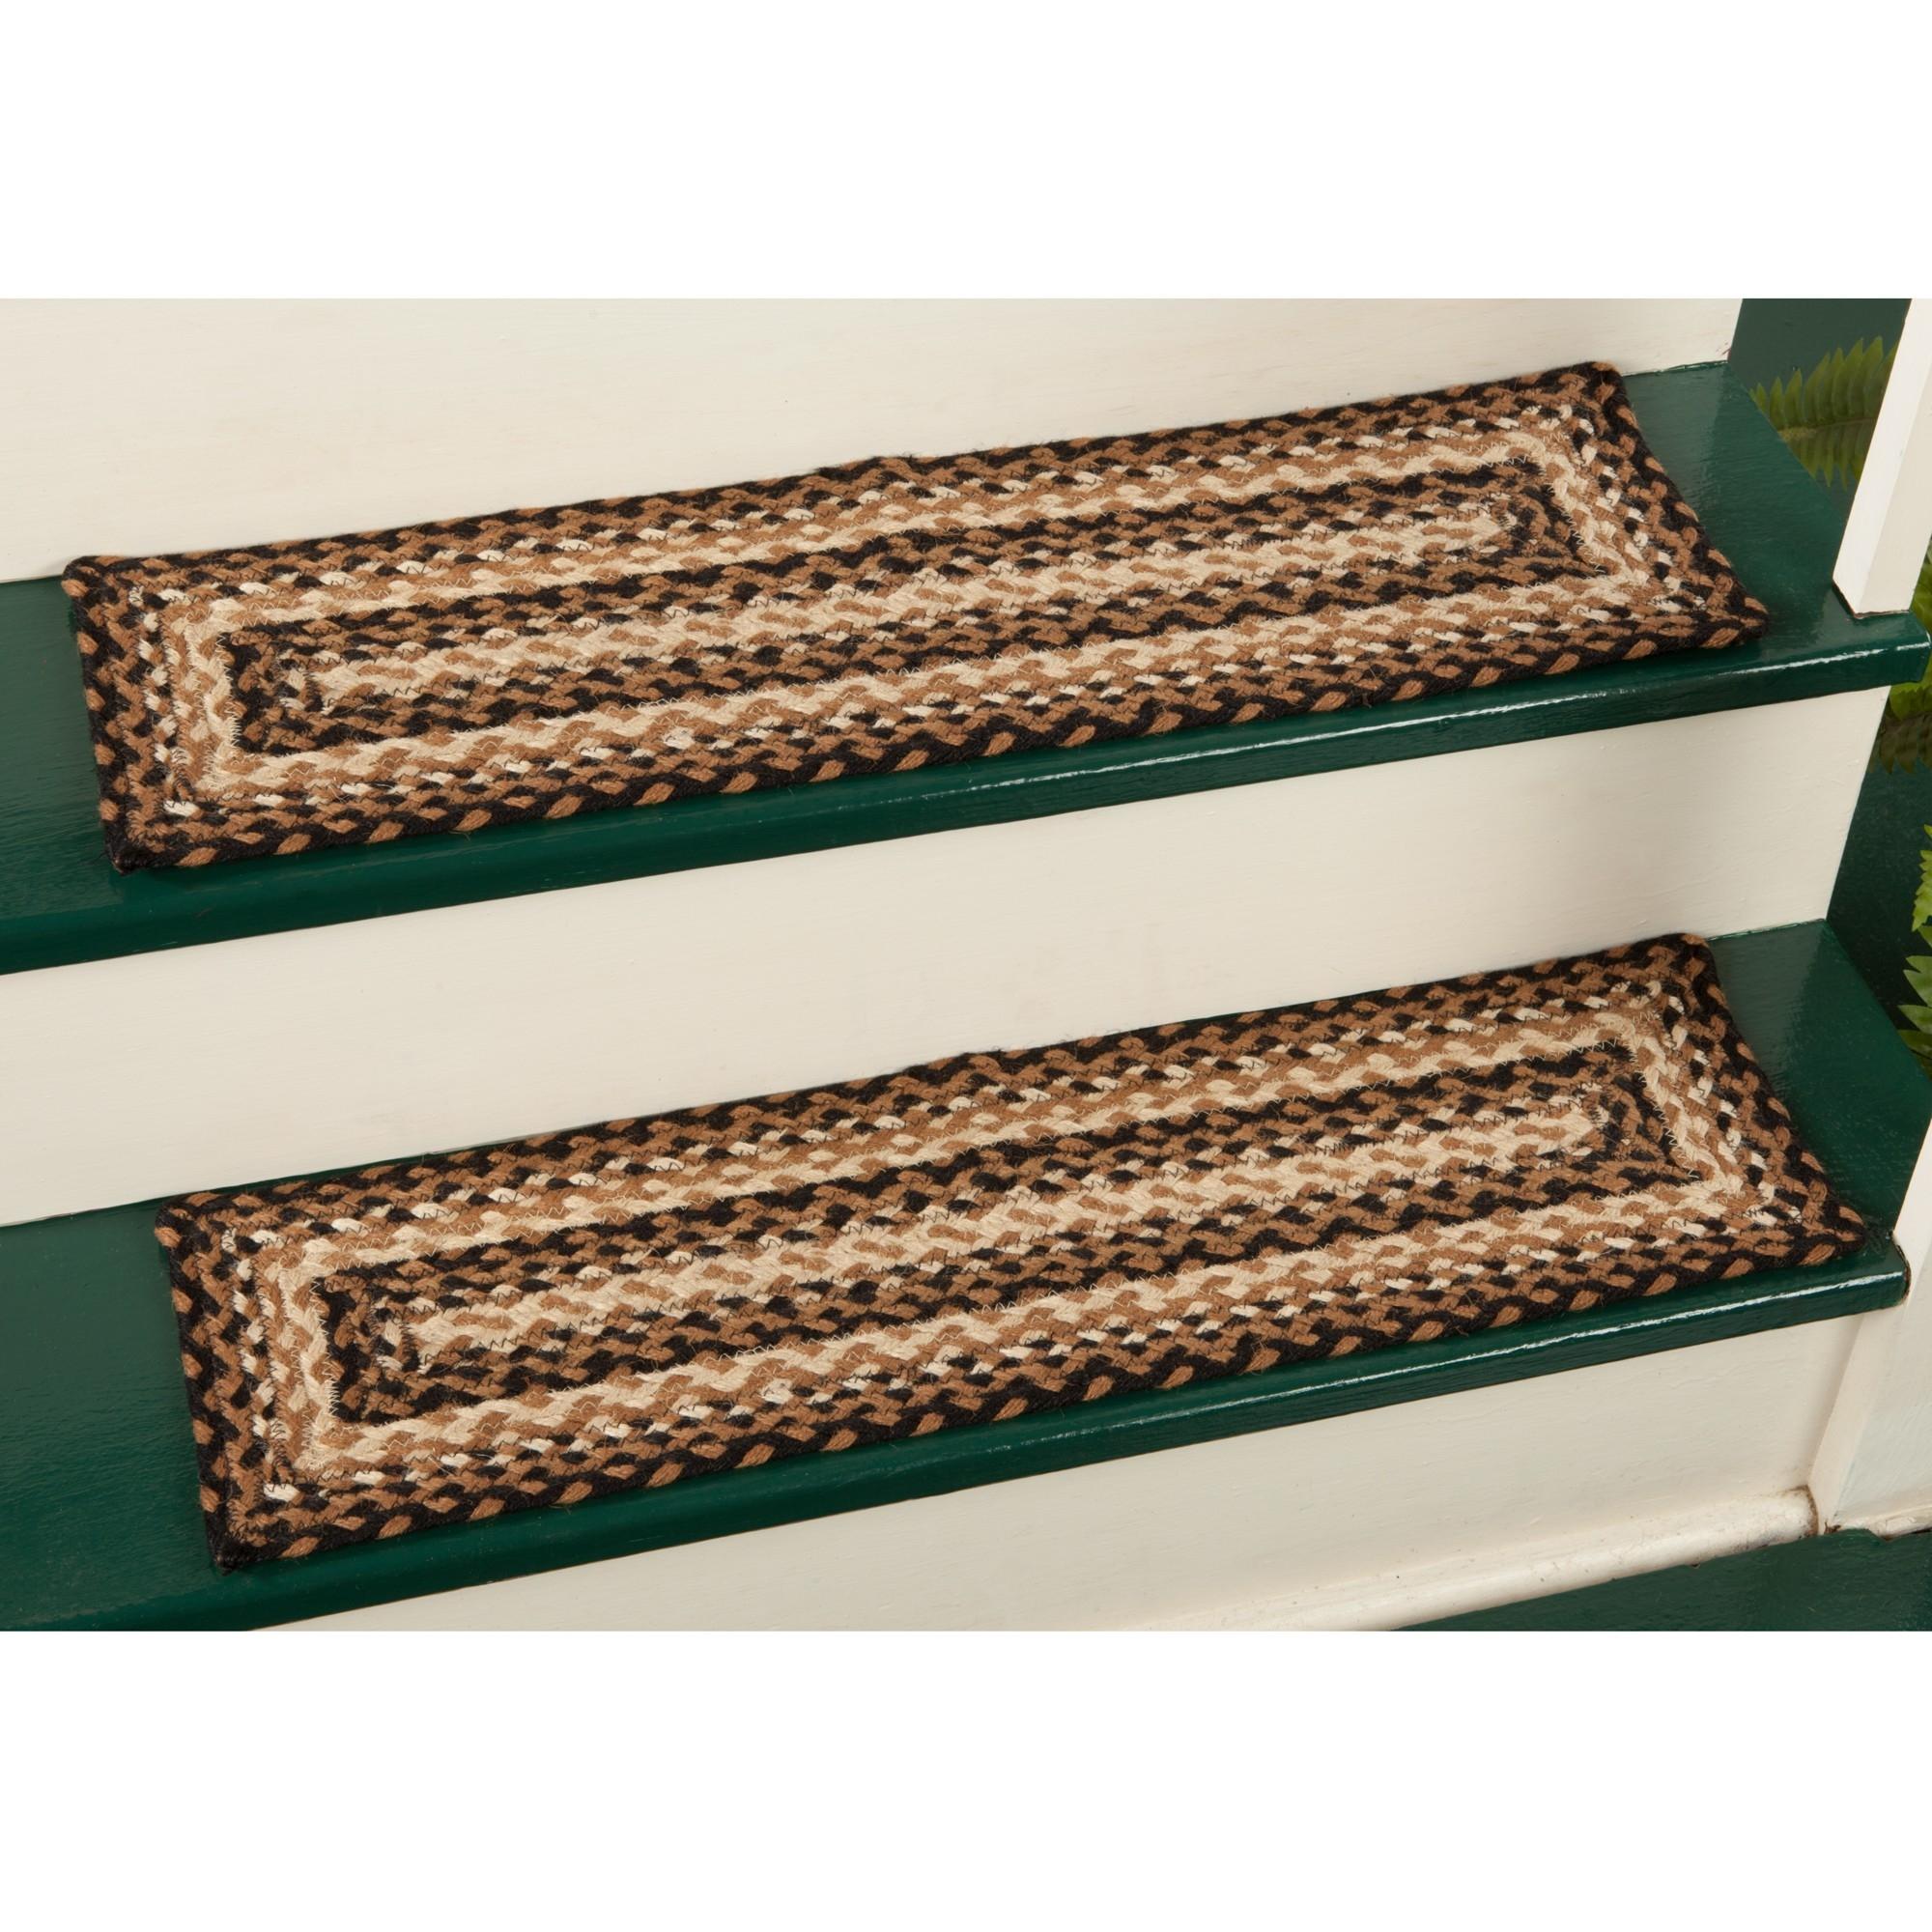 Jute Braided Stair Tread Sturbridge Yankee Workshop Regarding Stair Tread Rug Liners (View 2 of 20)